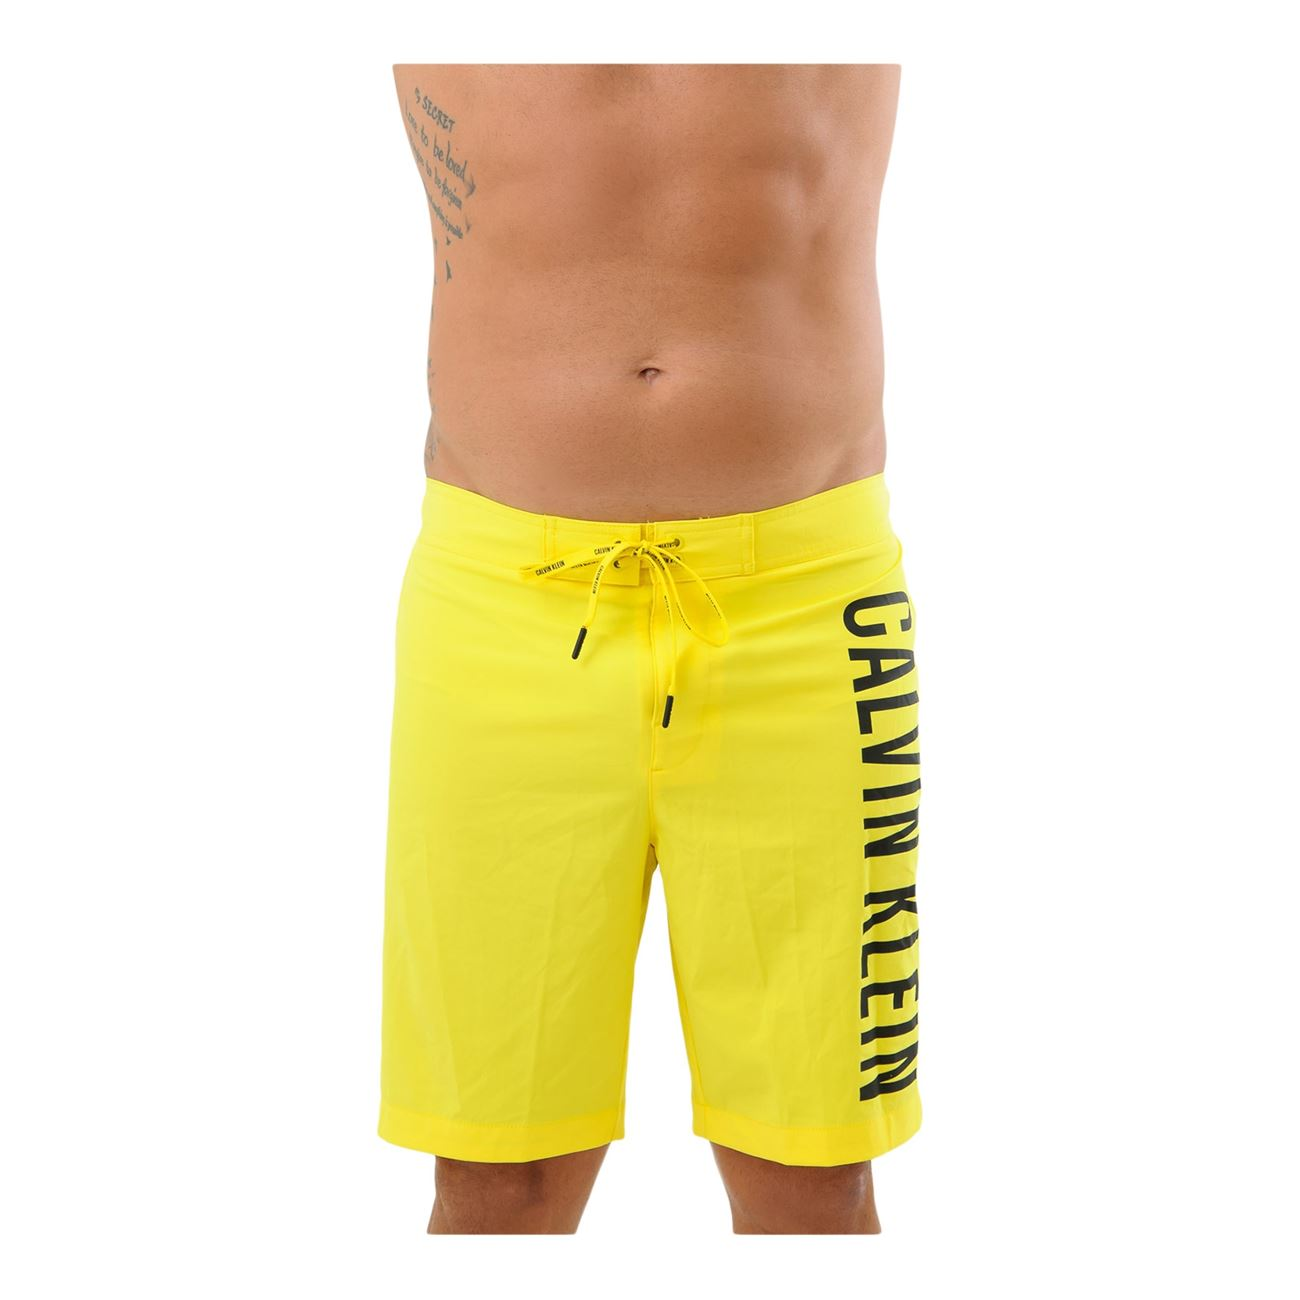 27177631c69 Calvin Klein Ανδρικό Μαγιό Βερμούδα 19 Boardshort Κίτρινο